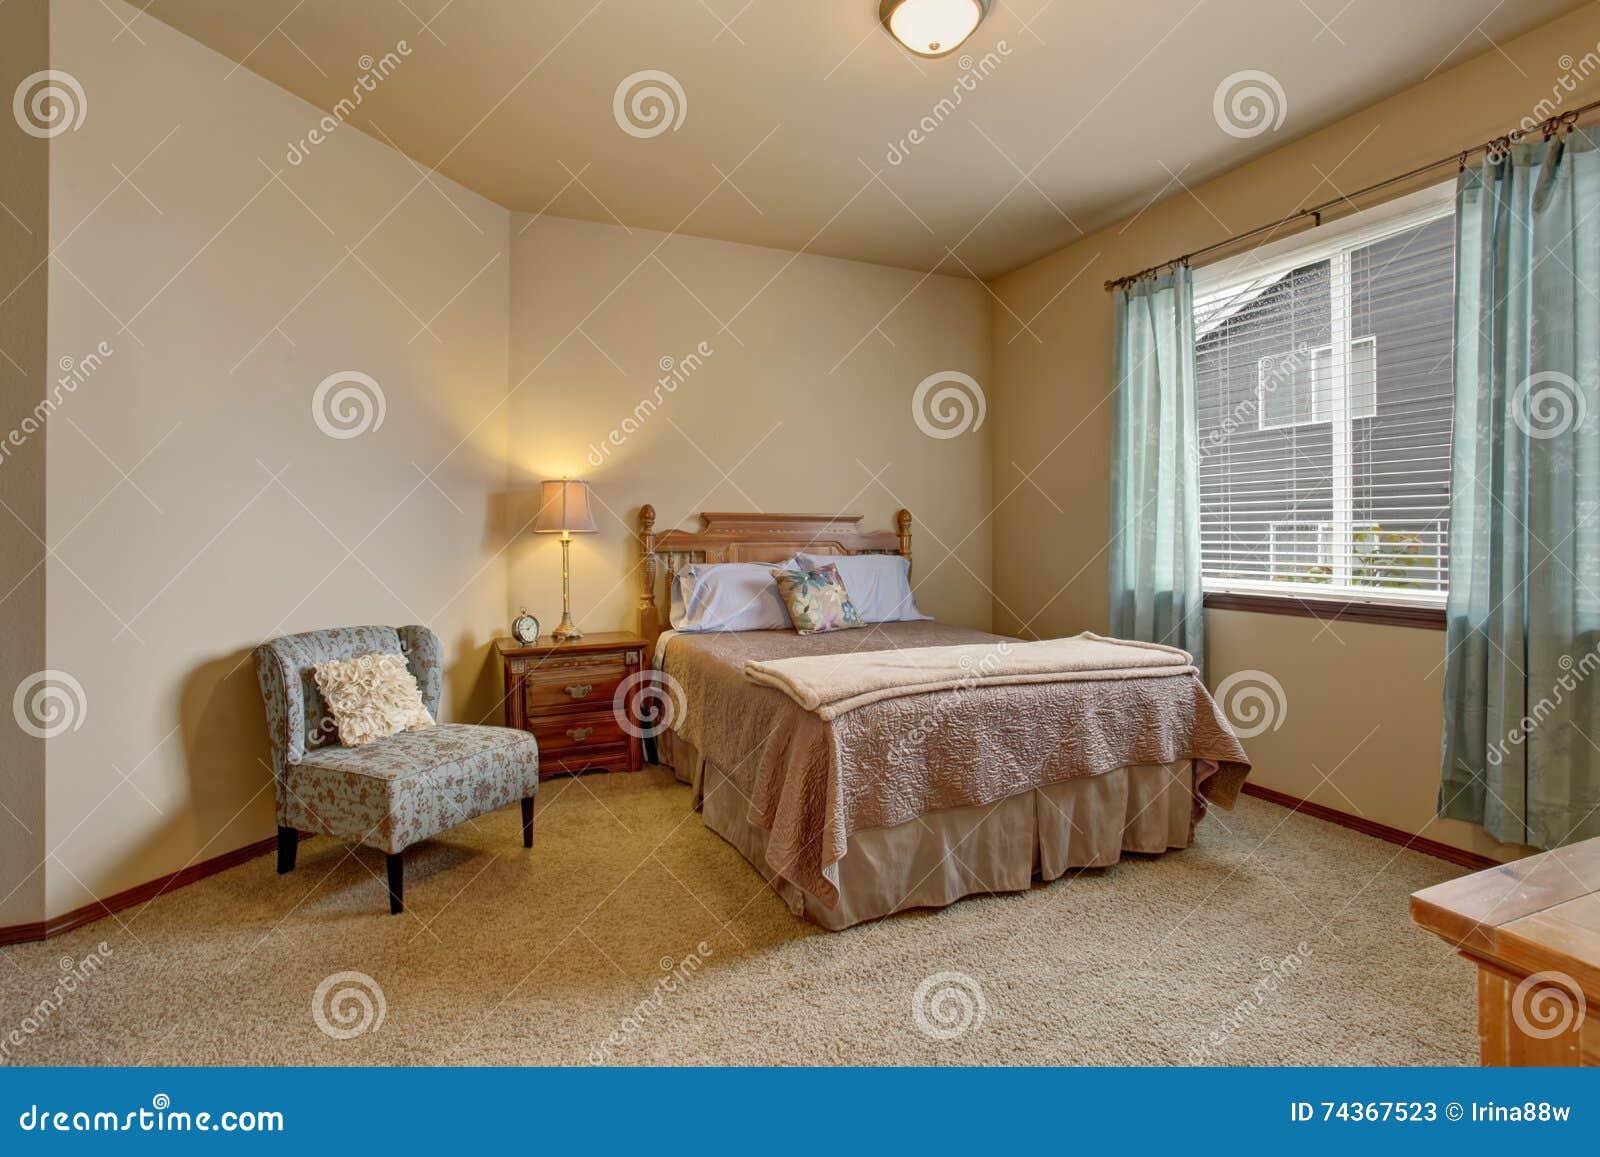 Dormitorio Elegante En Colores Suaves Con Las Cortinas Azules Y La